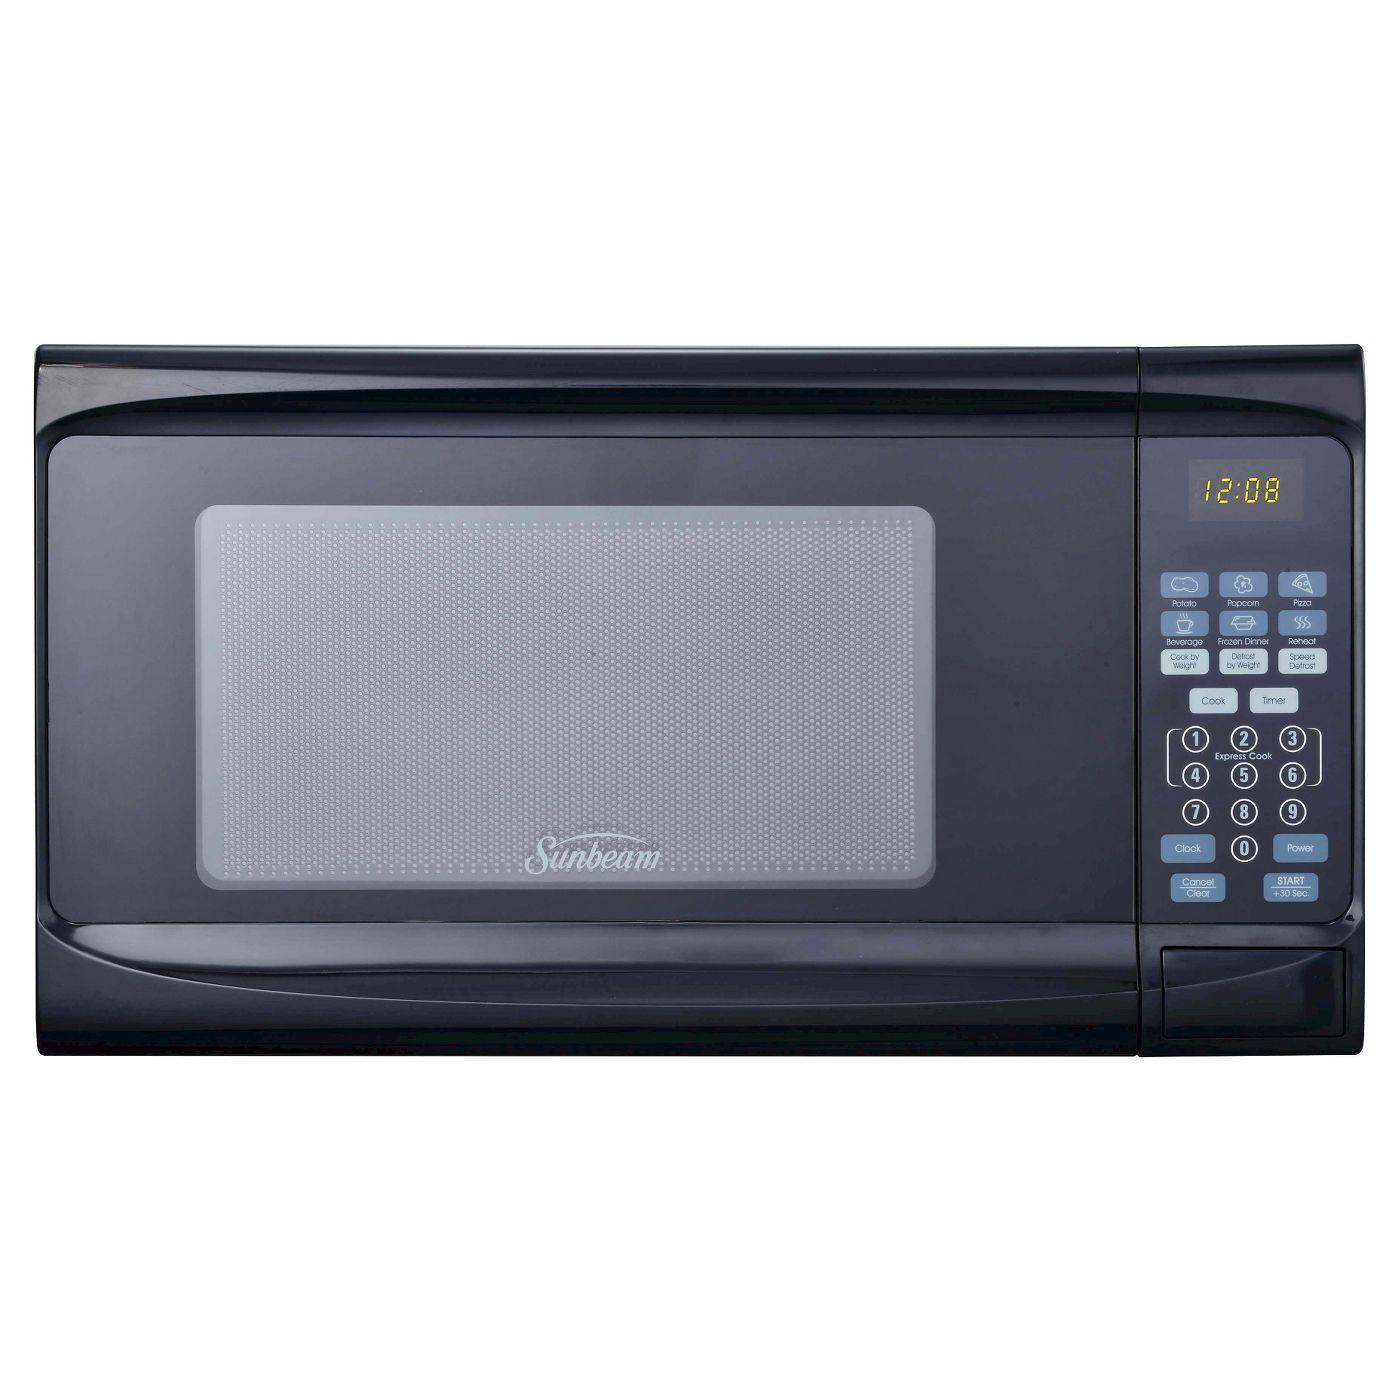 Sunbeam 0.7 cu ft Digital Microwave Oven